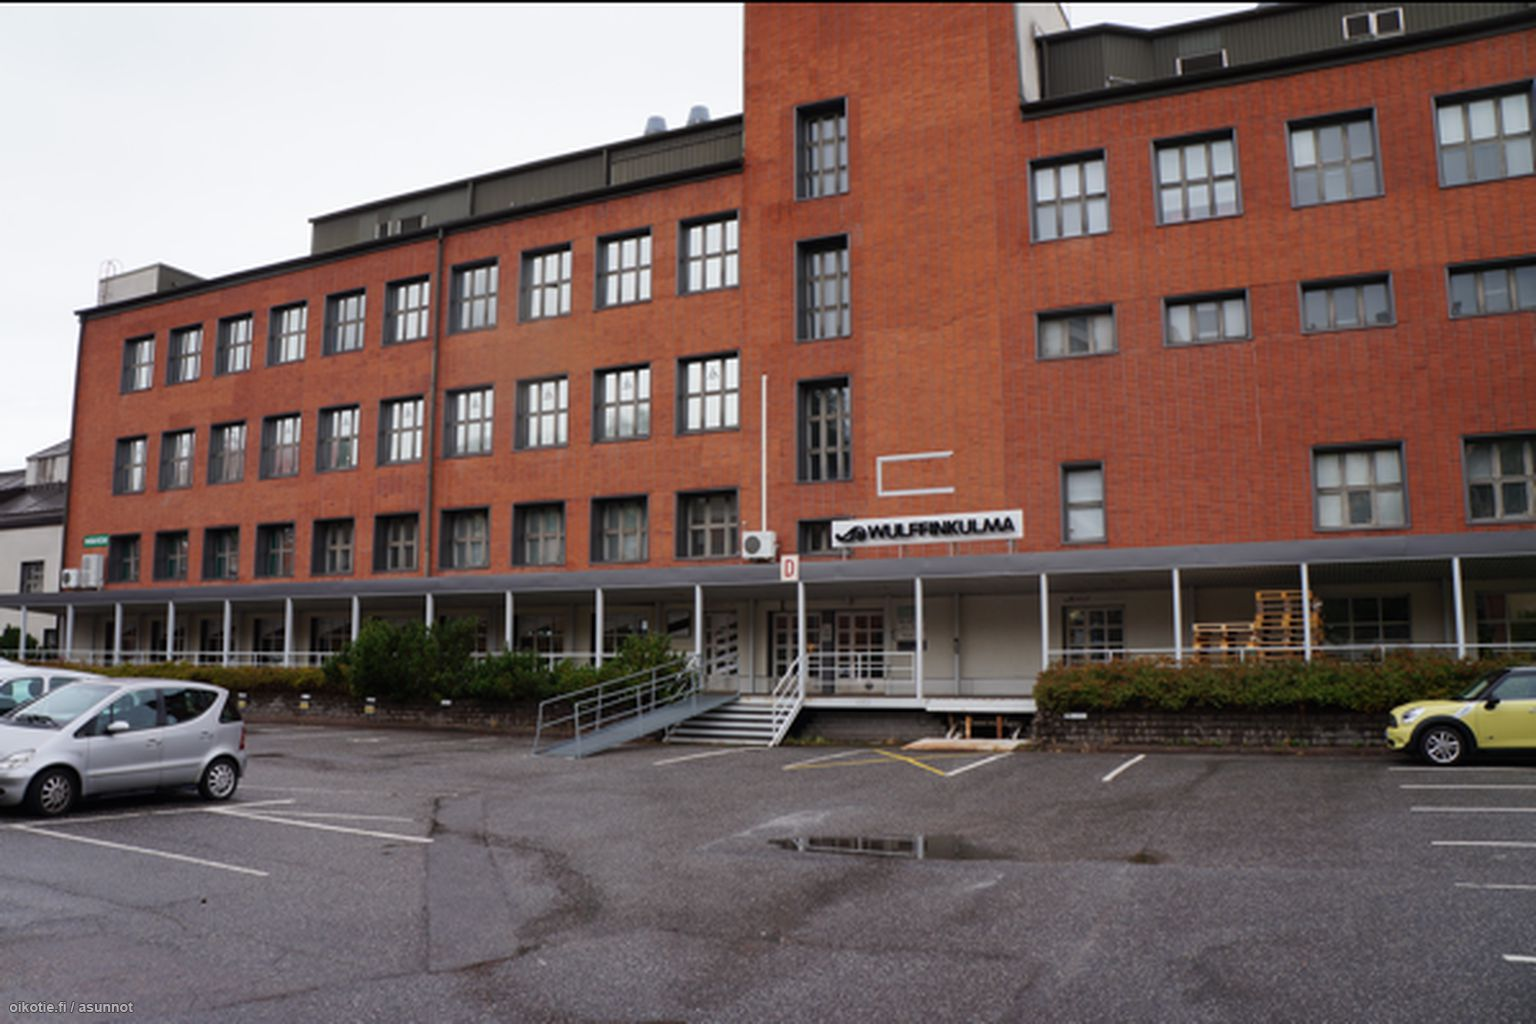 190 m² Läntinen Pitkäkatu 21-23, 20100 TURKU Liiketila vuokrattavana - Oikotie 13579844